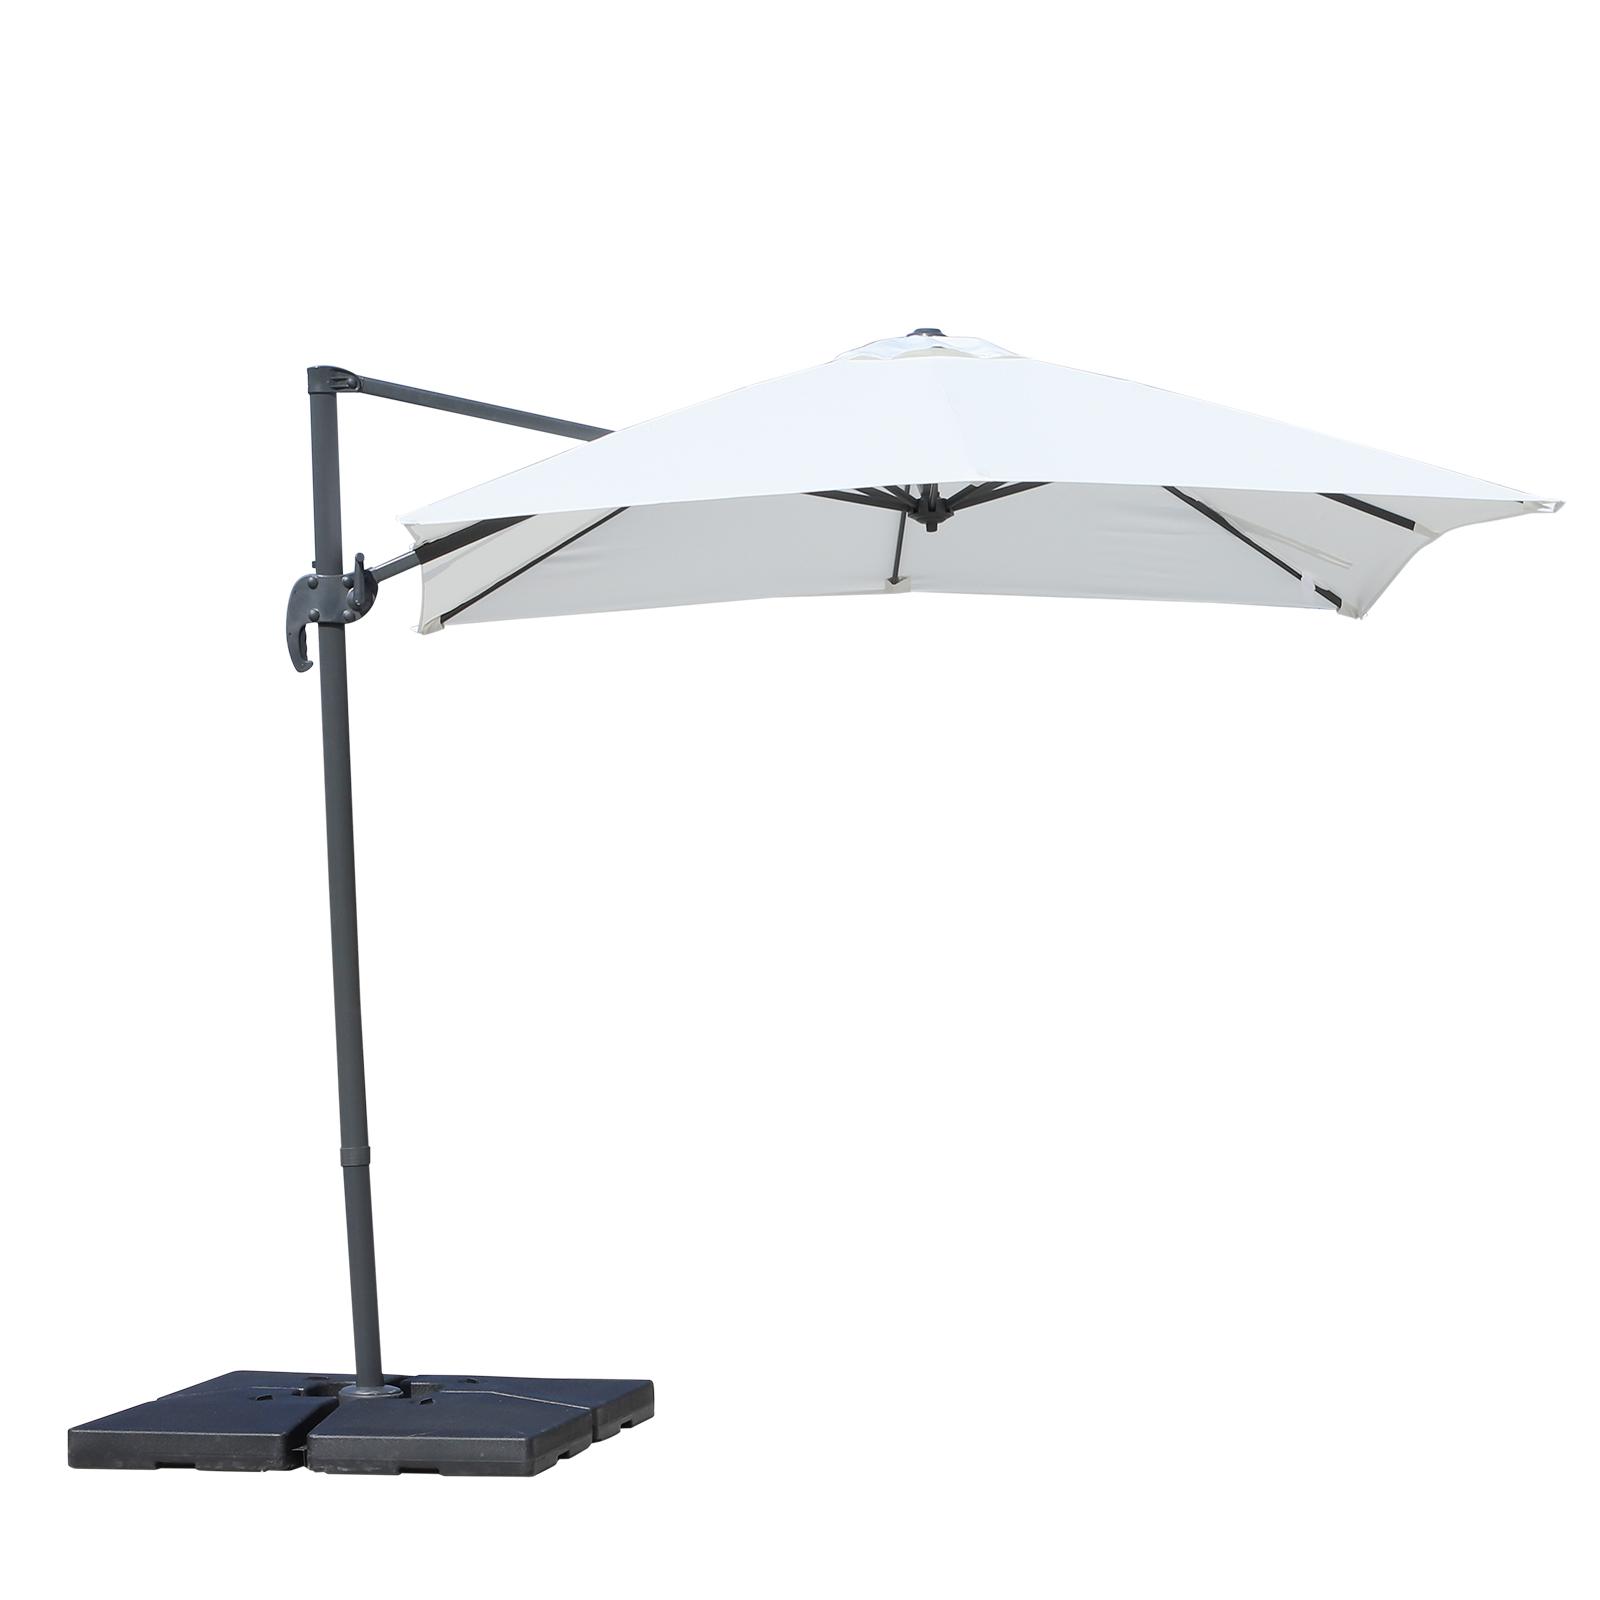 Outsunny Parasol déporté carré inclinable manivelle avec pied en acier dim. 2,45L x 2,45l x 2,48H m alu. polyester haute densité crème